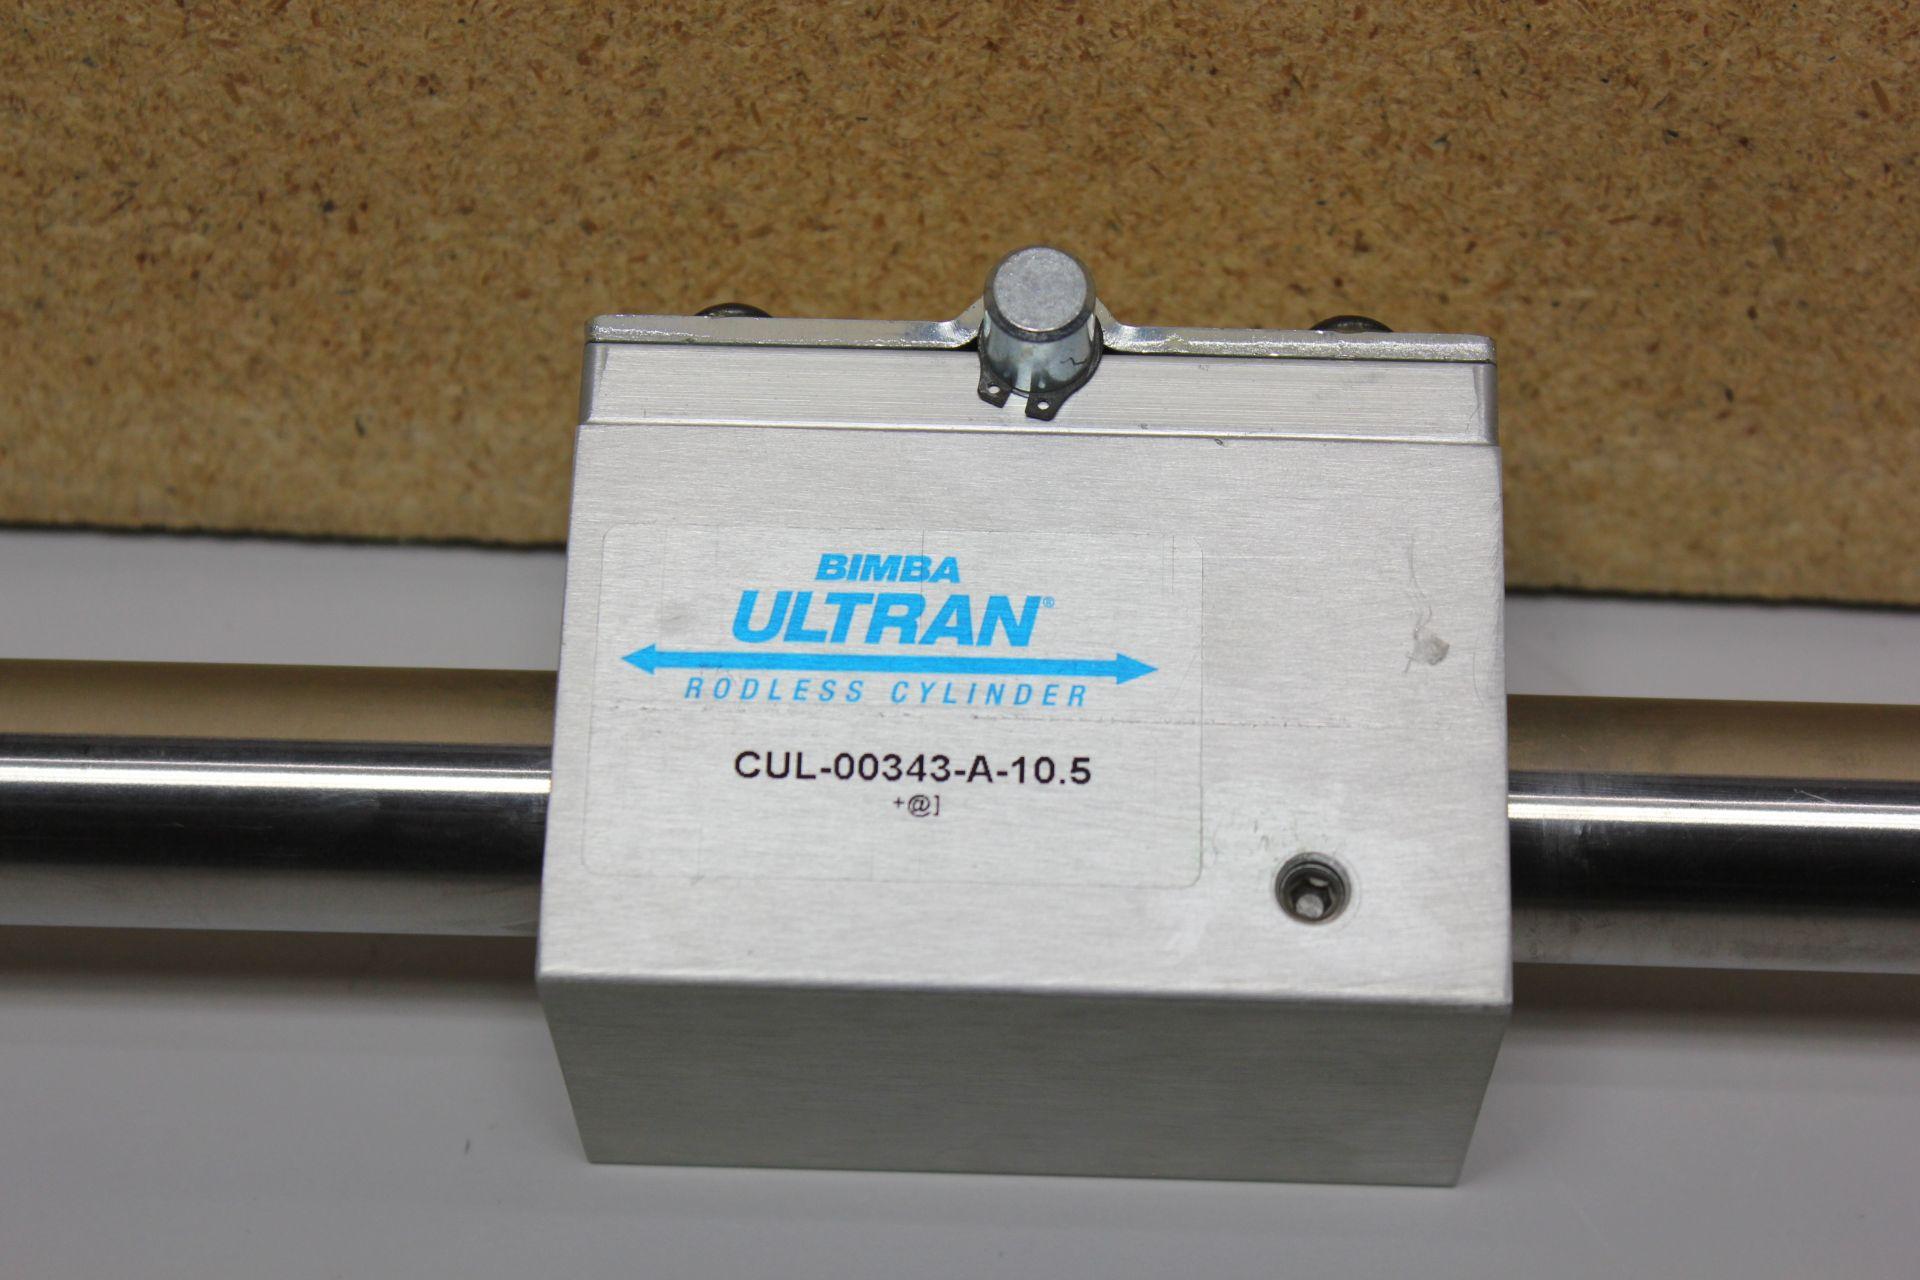 NEW BIMBA ULTRAN RODLESS CYLINDER - Image 5 of 6